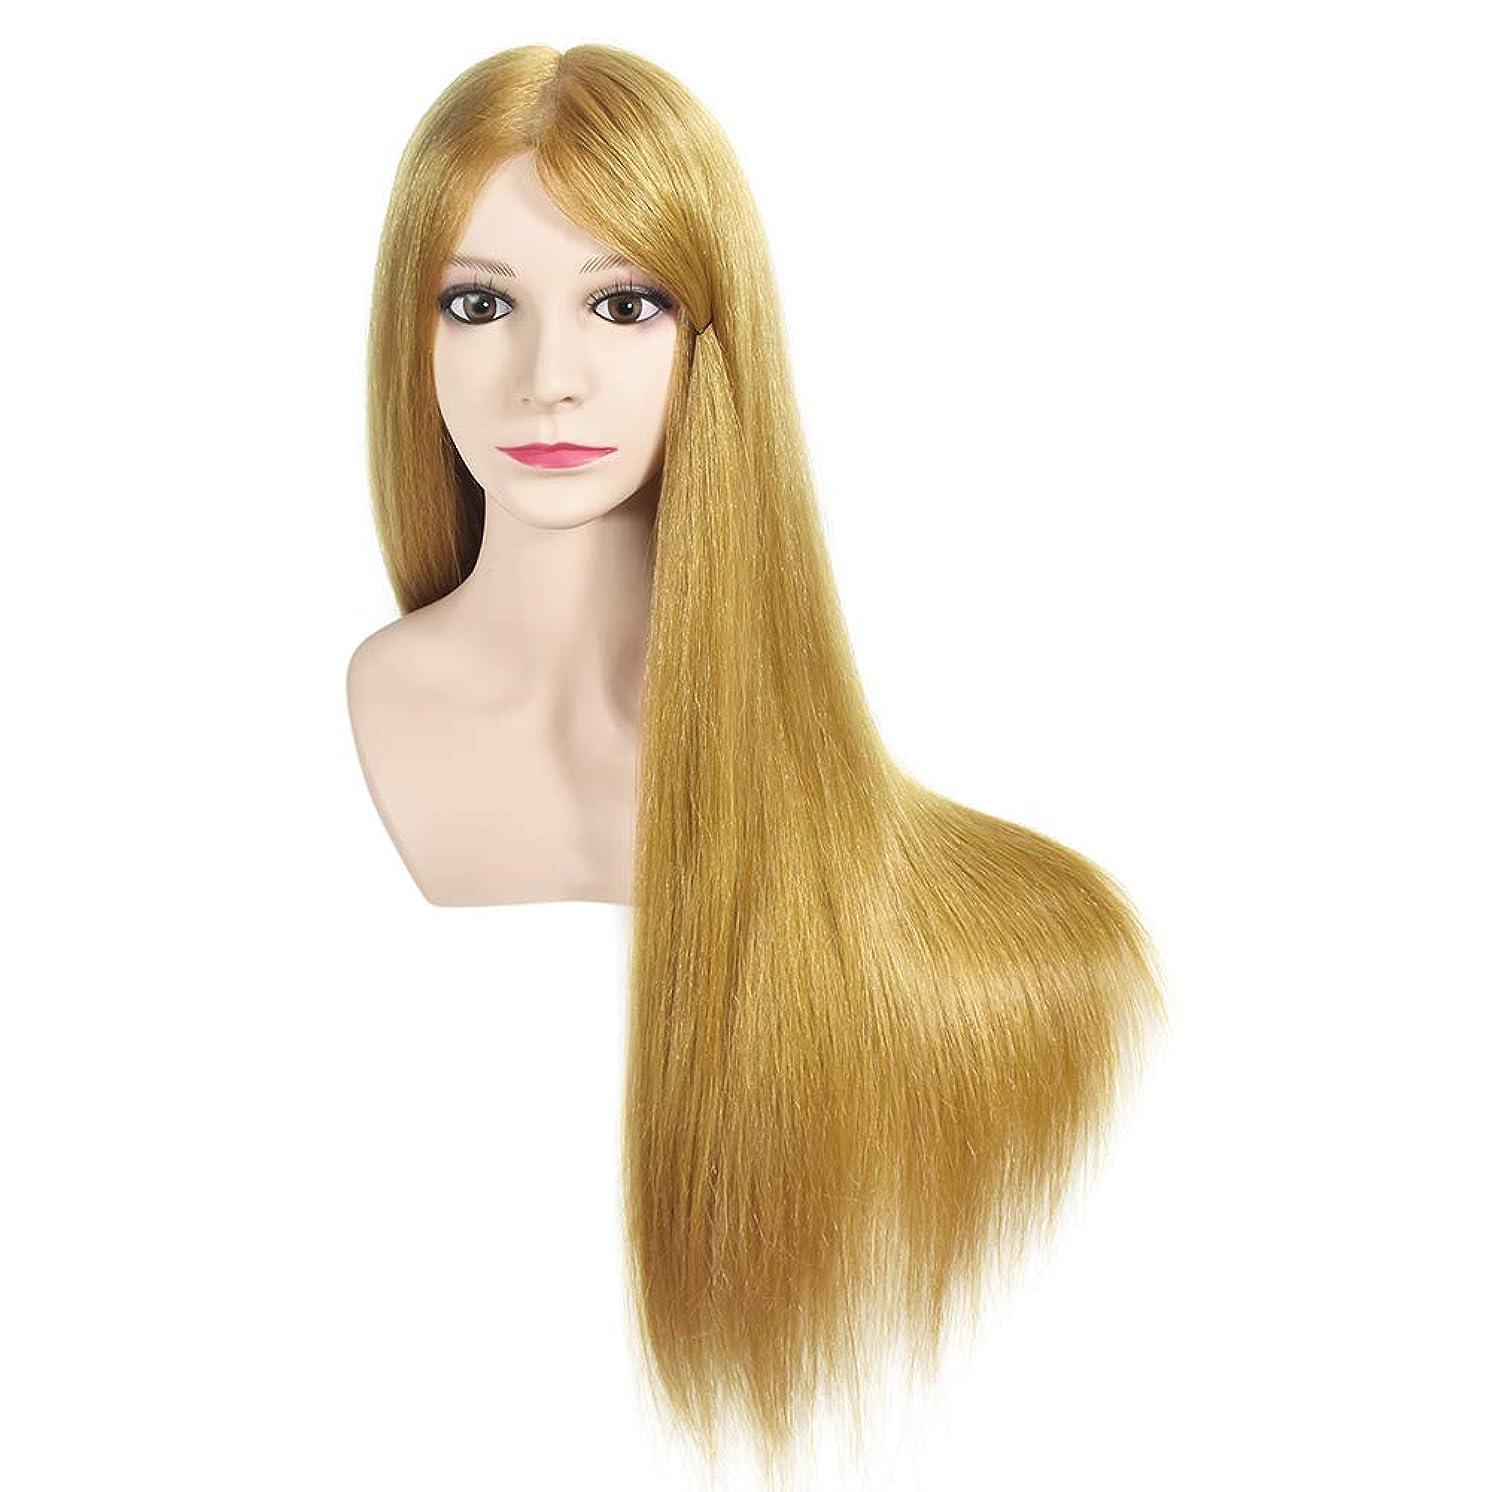 割るインタビューサロンヘアブレイド理髪指導ヘッドスタイリング散髪ダミーヘッド化粧学習ショルダーマネキンヘッド